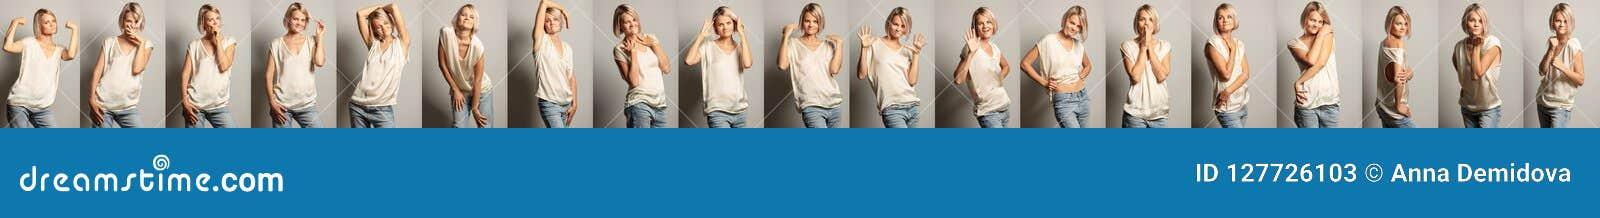 En grupp av bilder av en ung härlig kvinna med olika sinnesrörelser